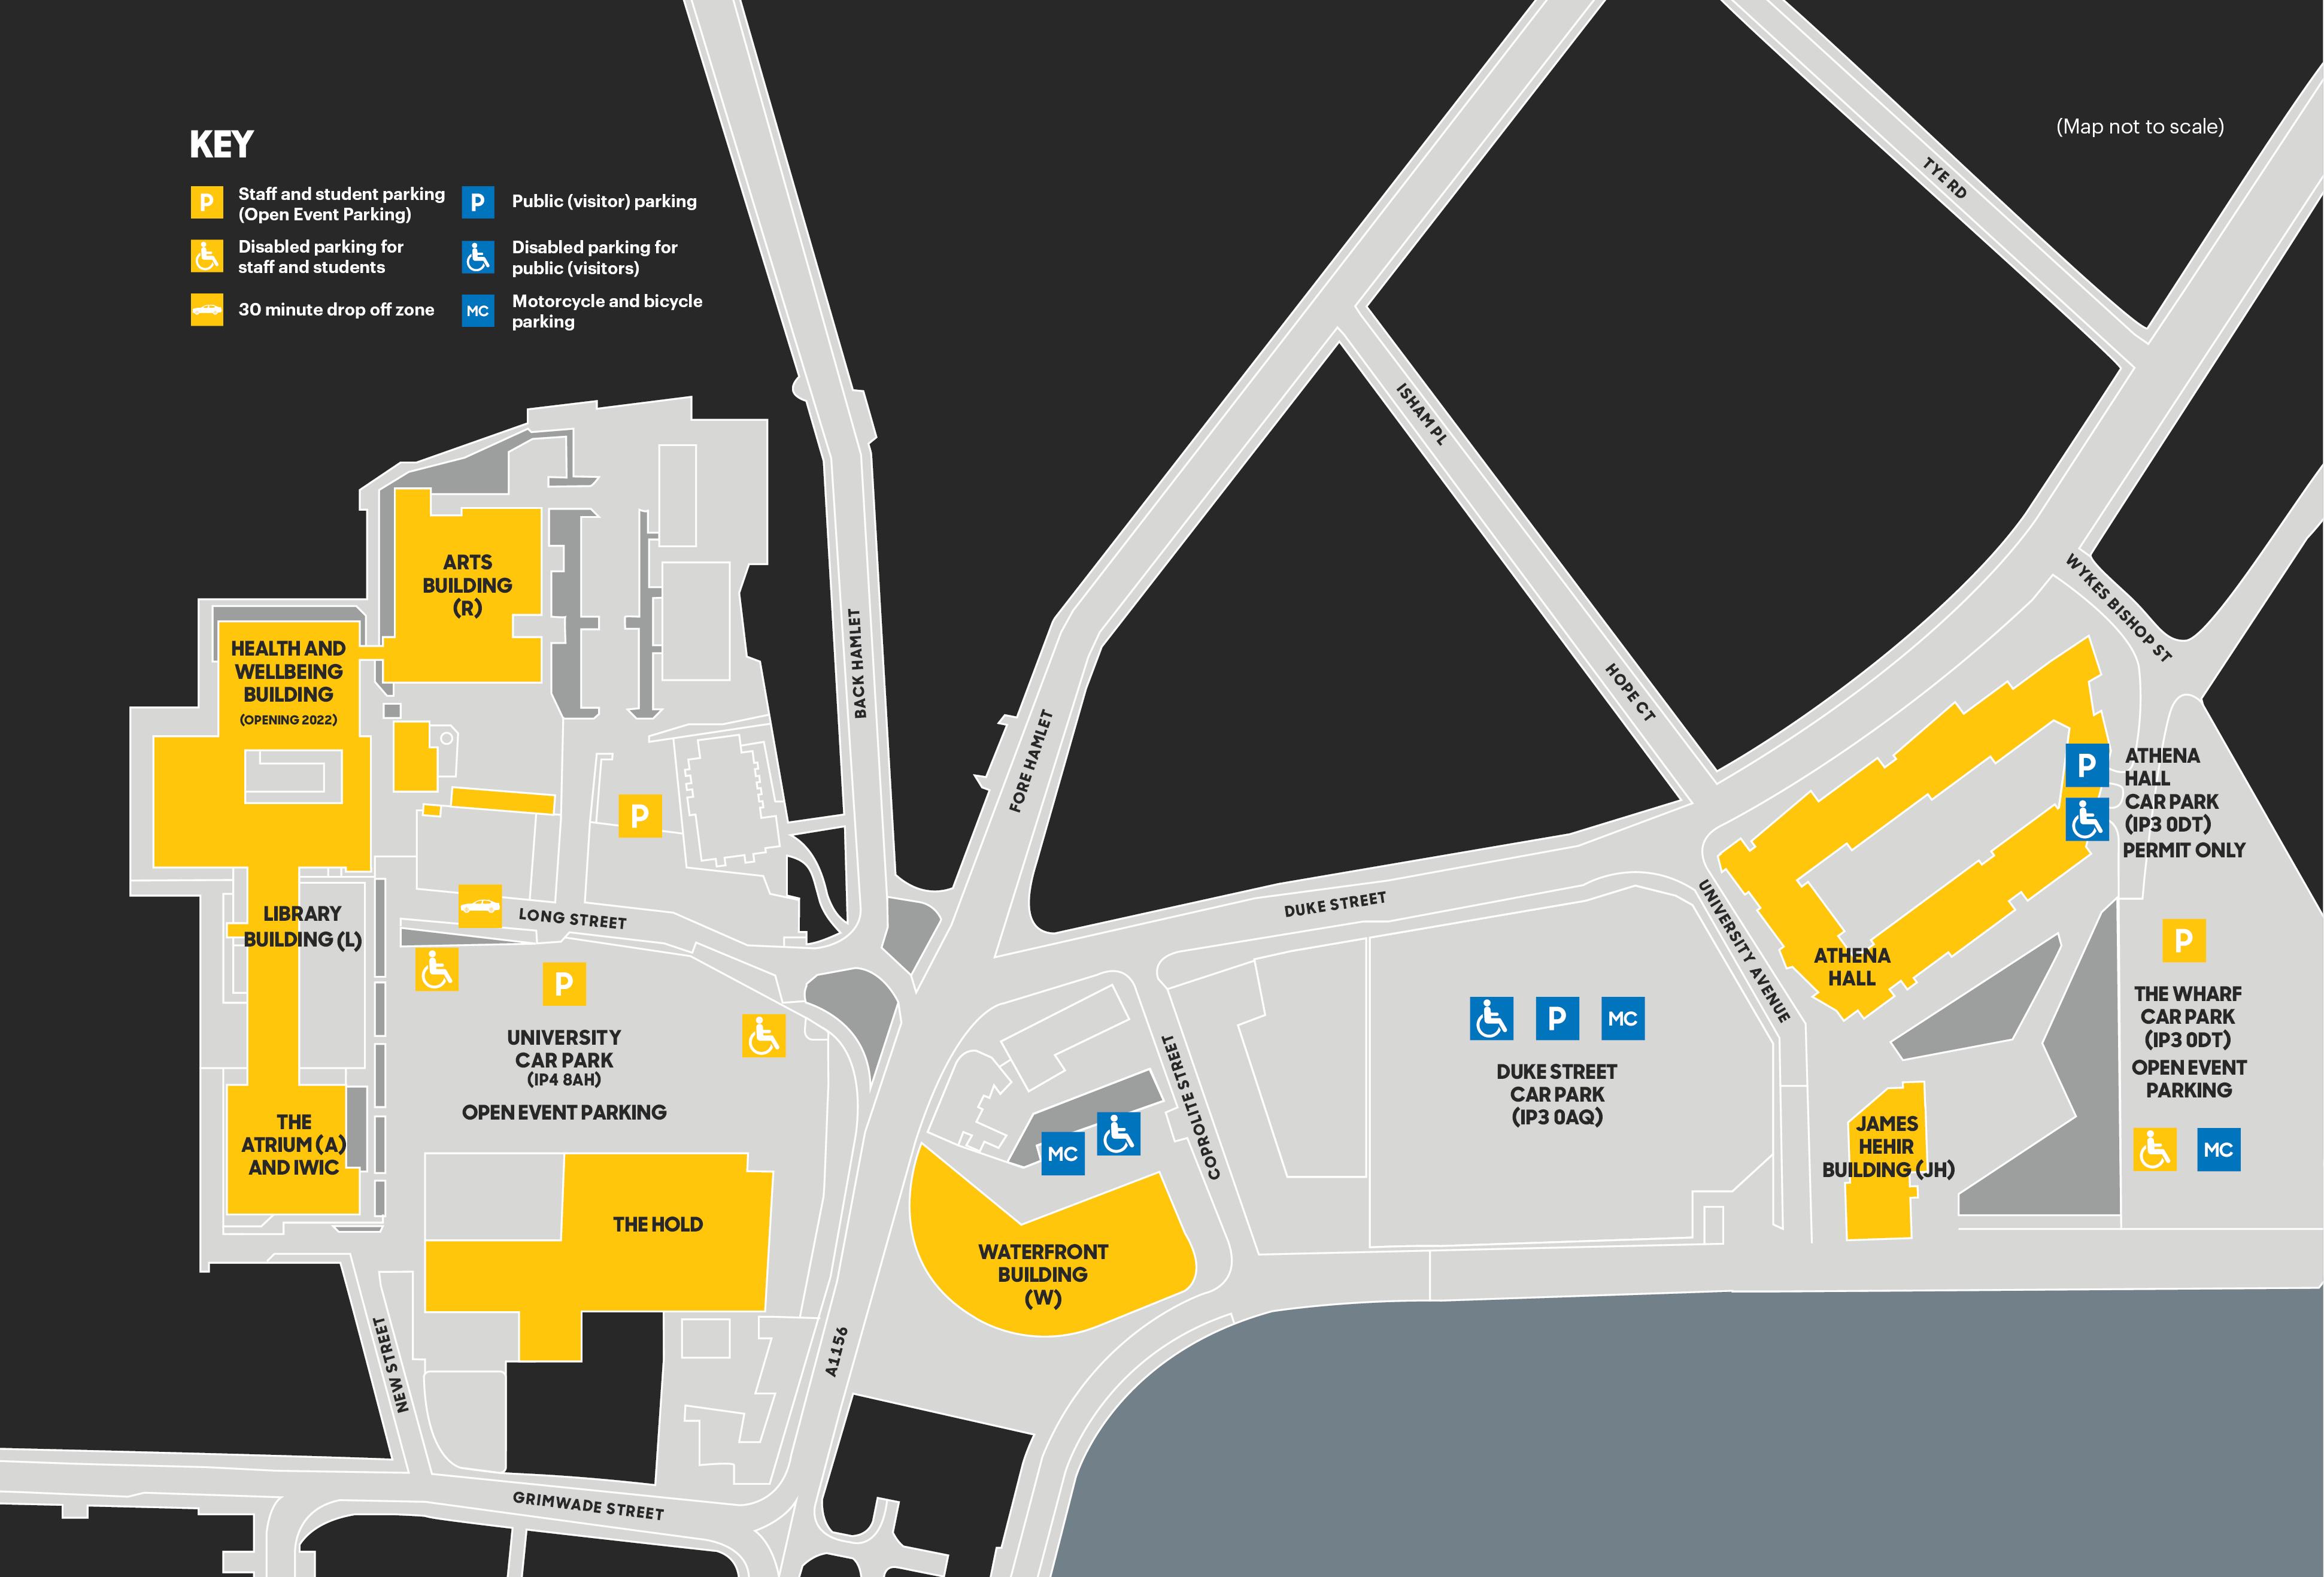 UOS Campus map 2020